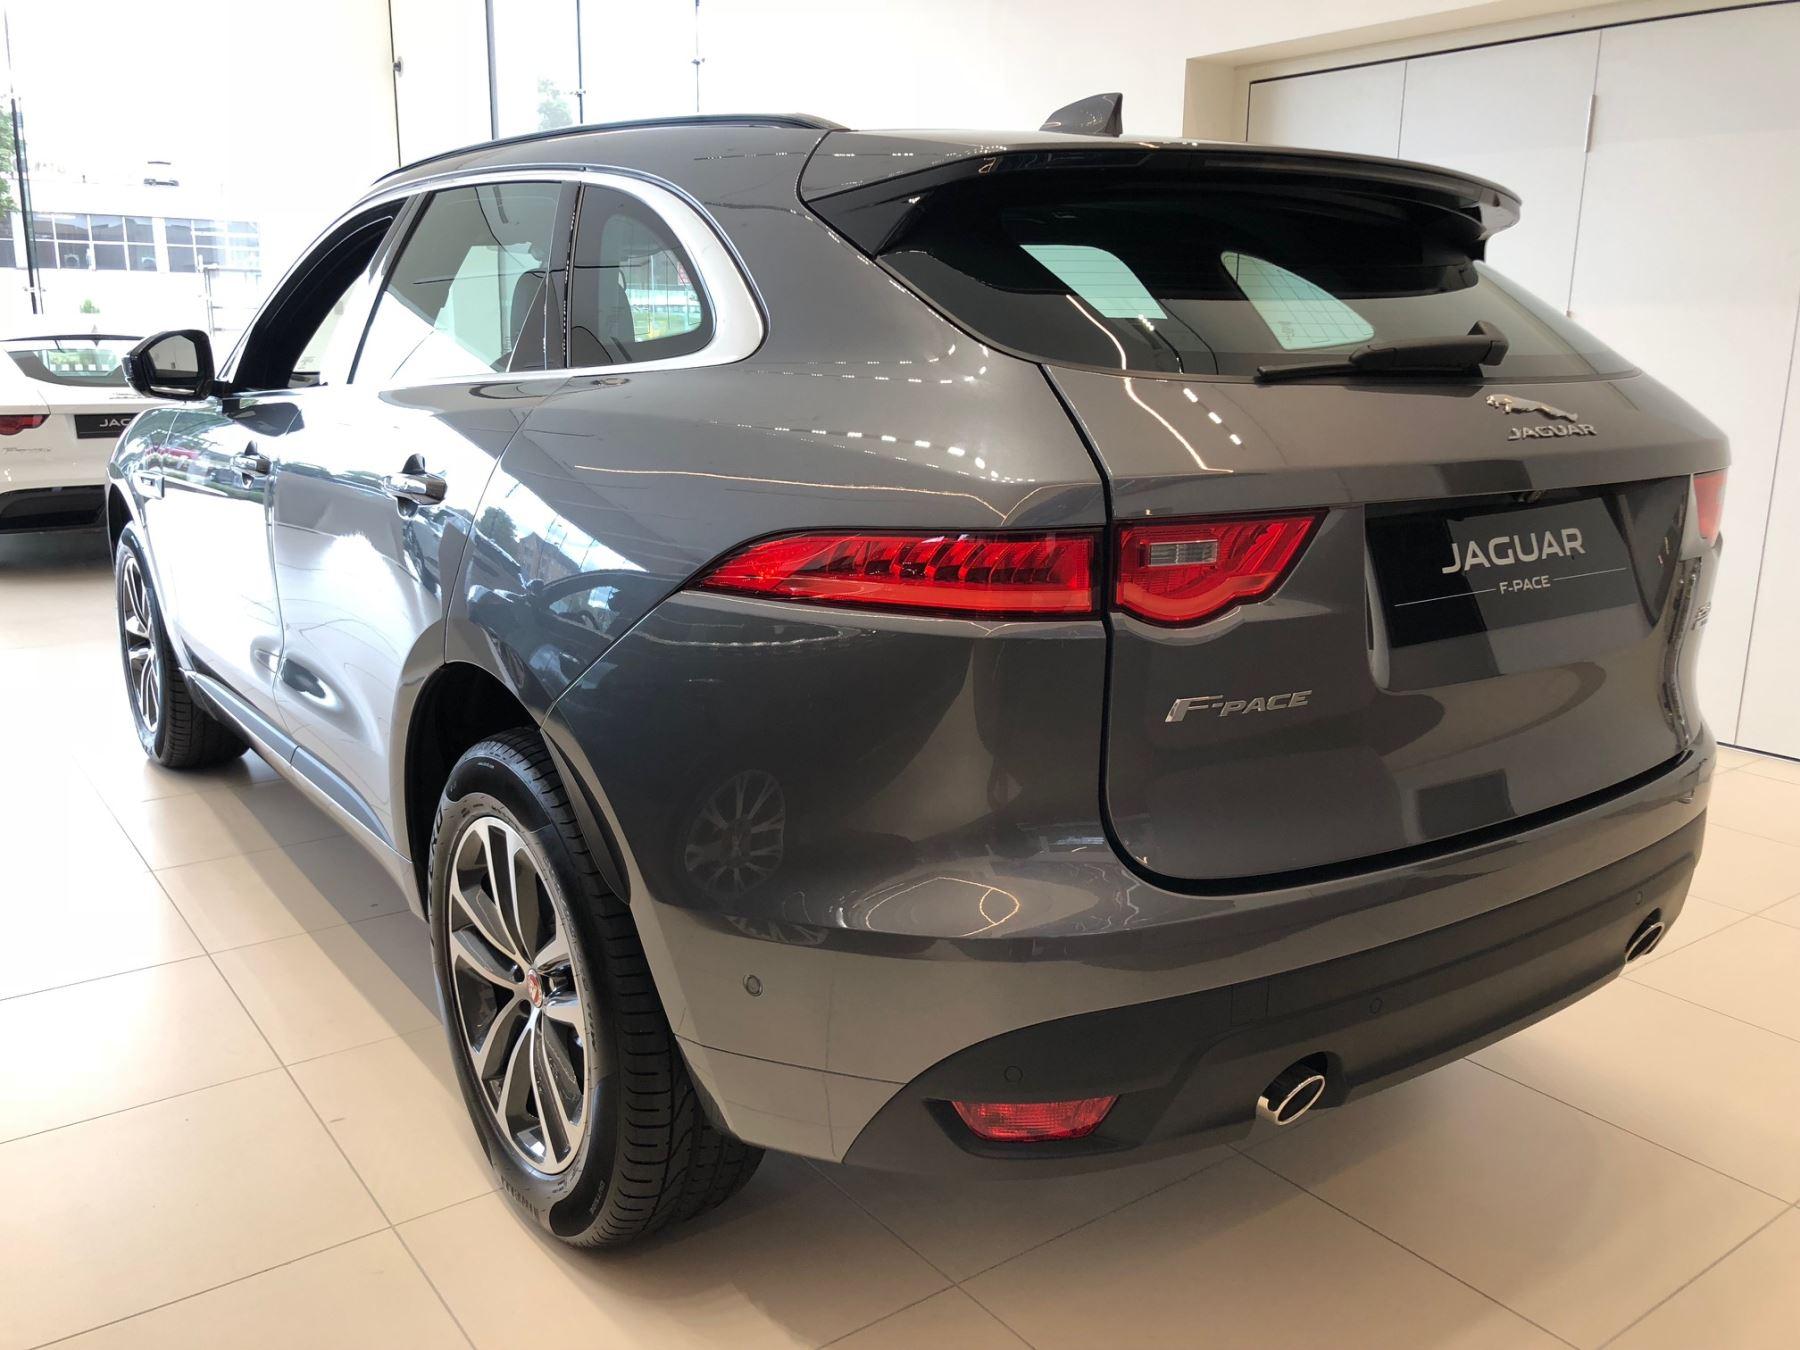 Jaguar F-PACE 2.0d R-Sport AWD image 7